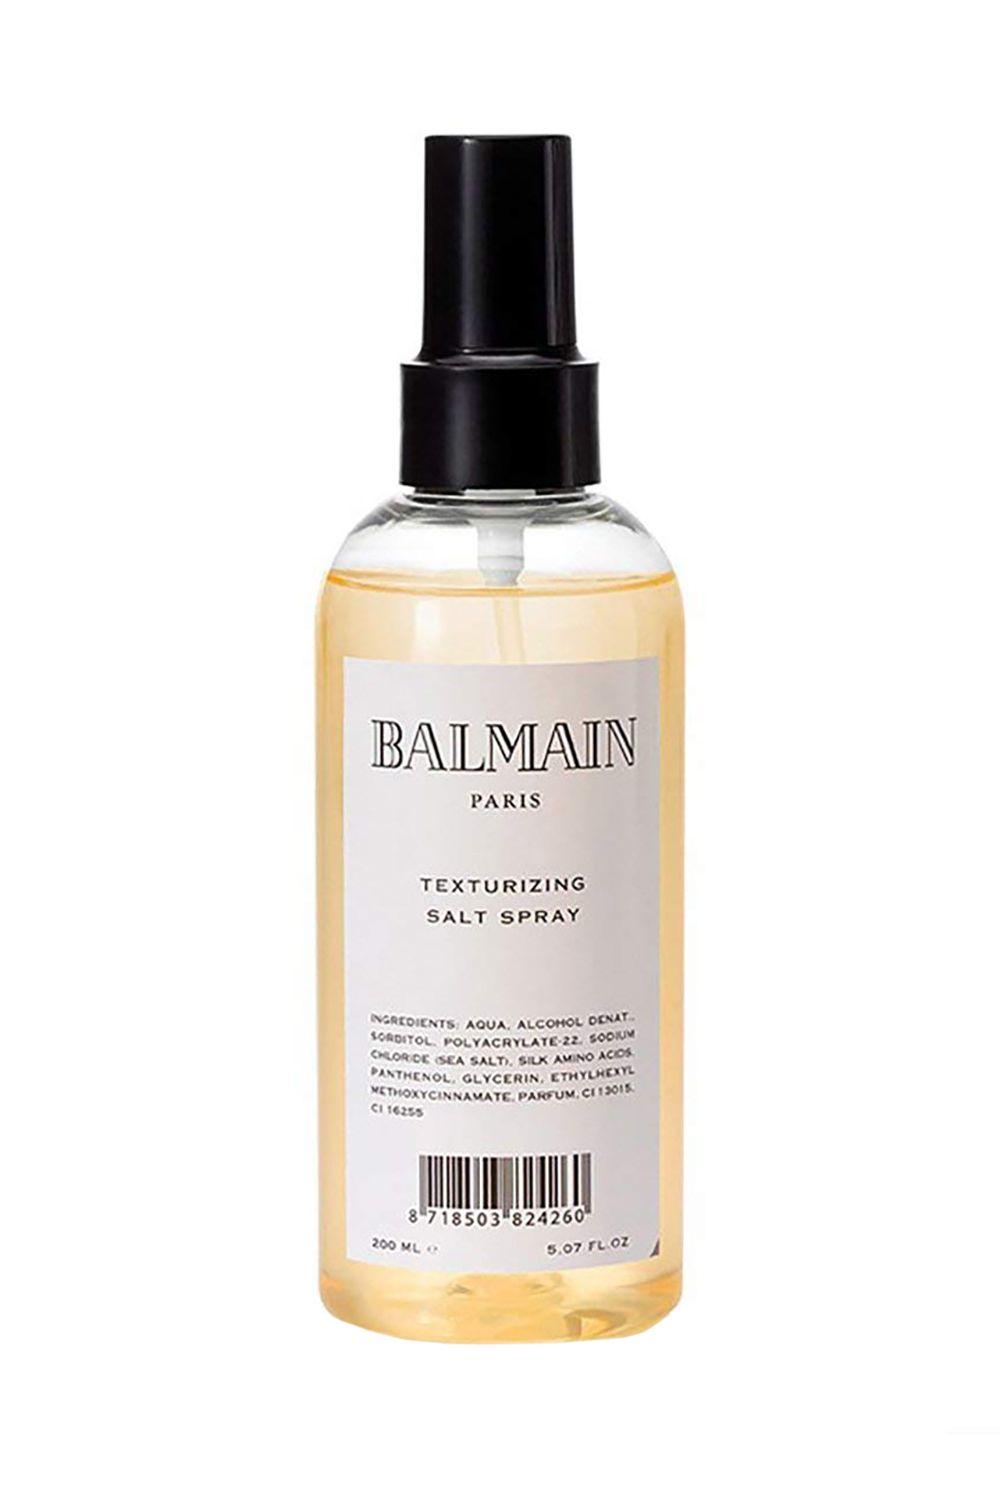 d360c5efae05 16 Best Sea Salt Sprays for Beachy Waves - Texturing Hair Sprays